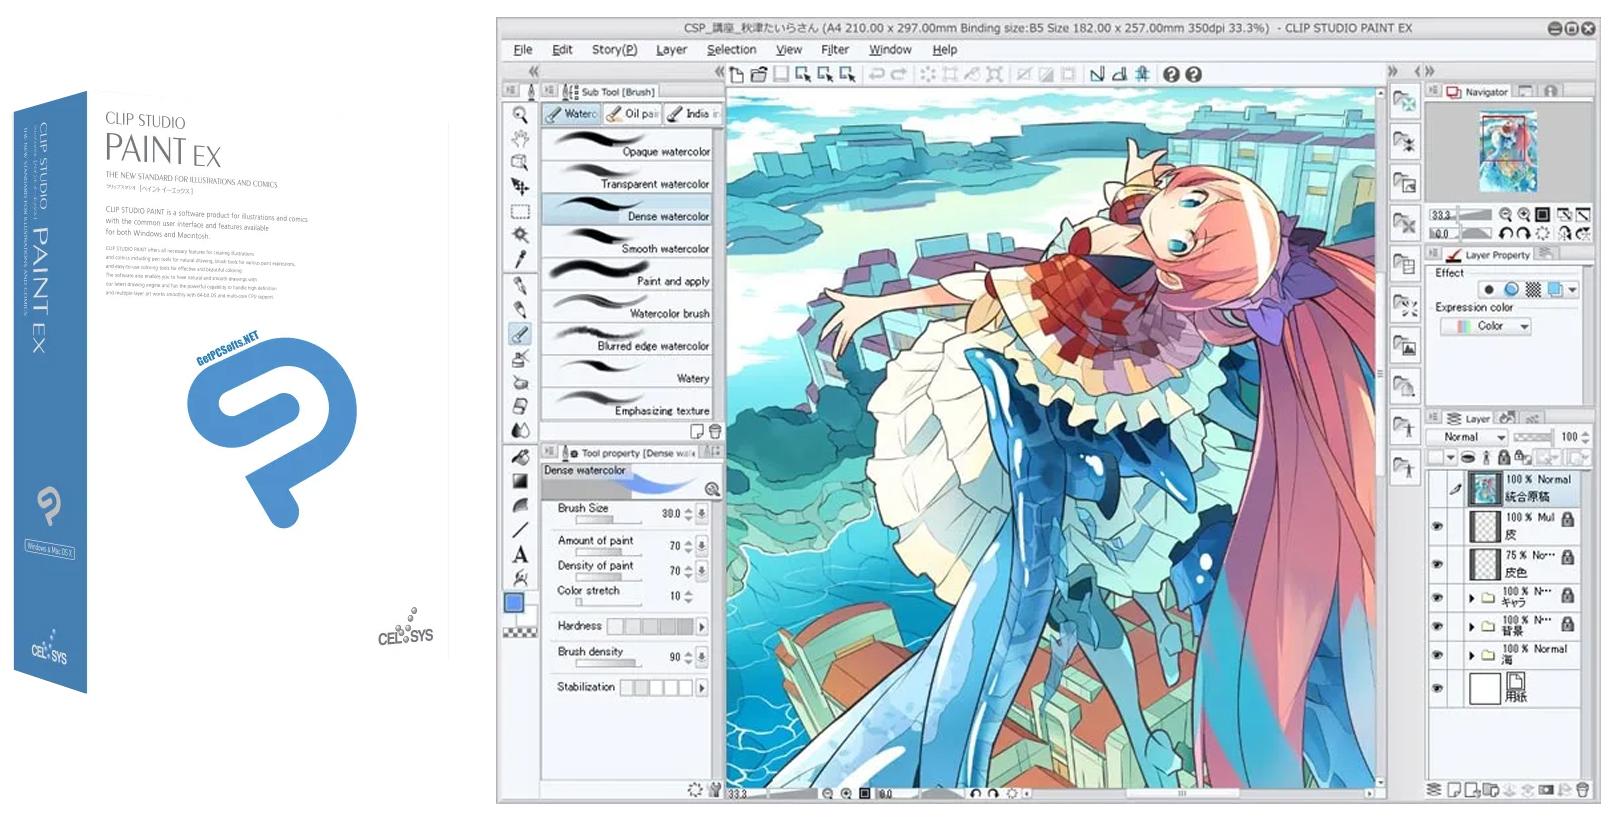 Cara Install Klip StudioPaint Full Version Gratis